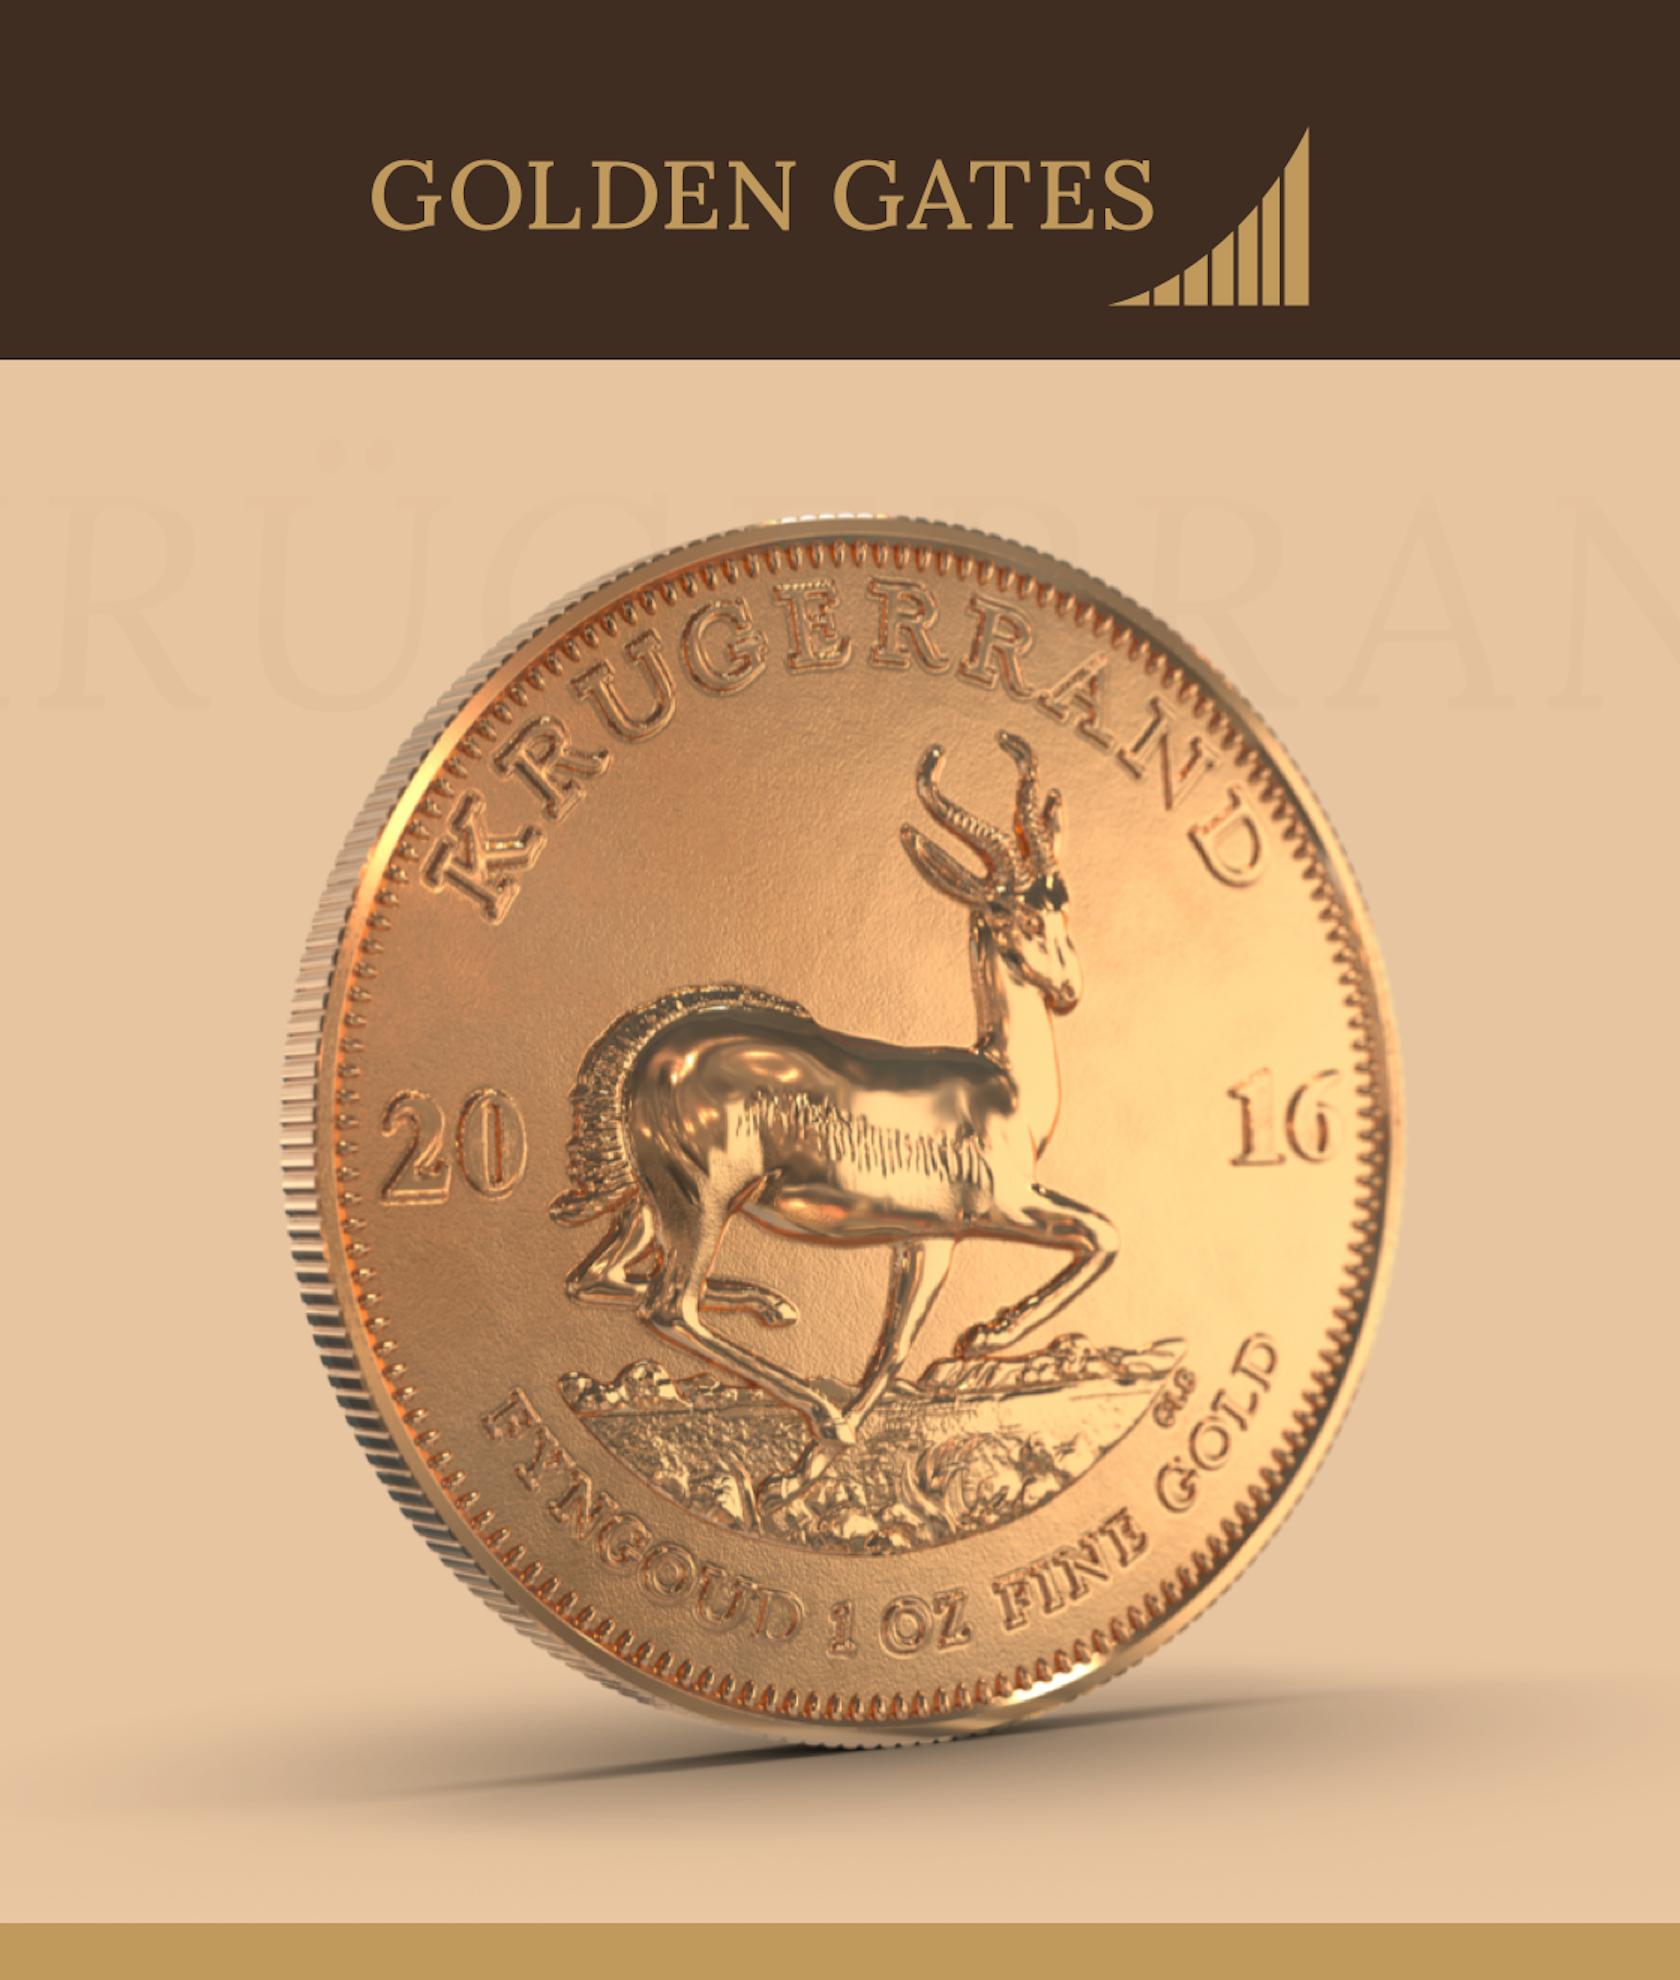 GOLDEN GATES